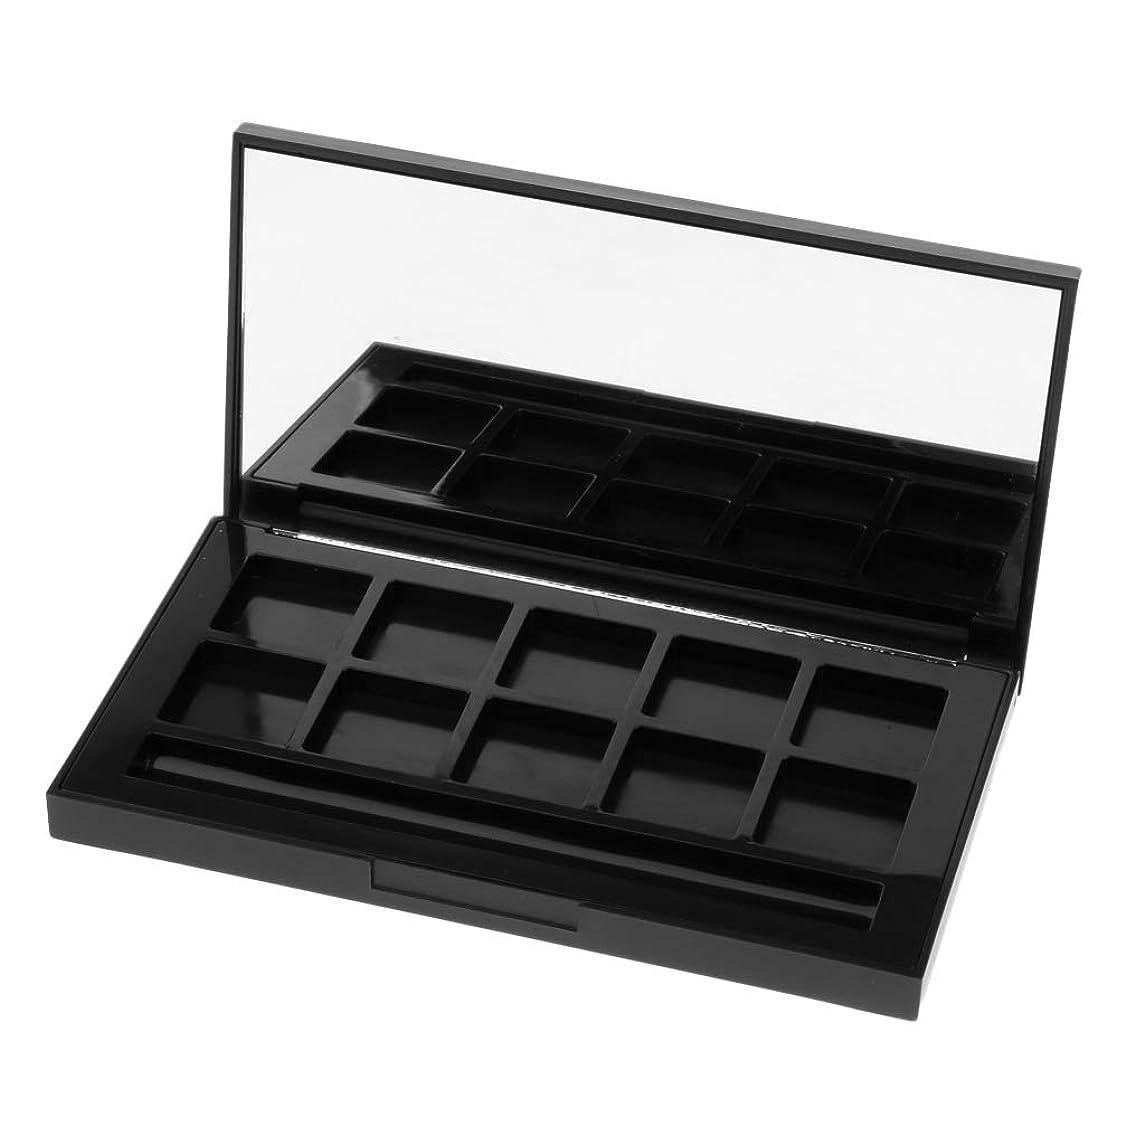 バーマド驚くべきパックKESOTO メイクアップケース アイシャドウパレット リップグロス DIY 2タイプ選べ - 10グリッド